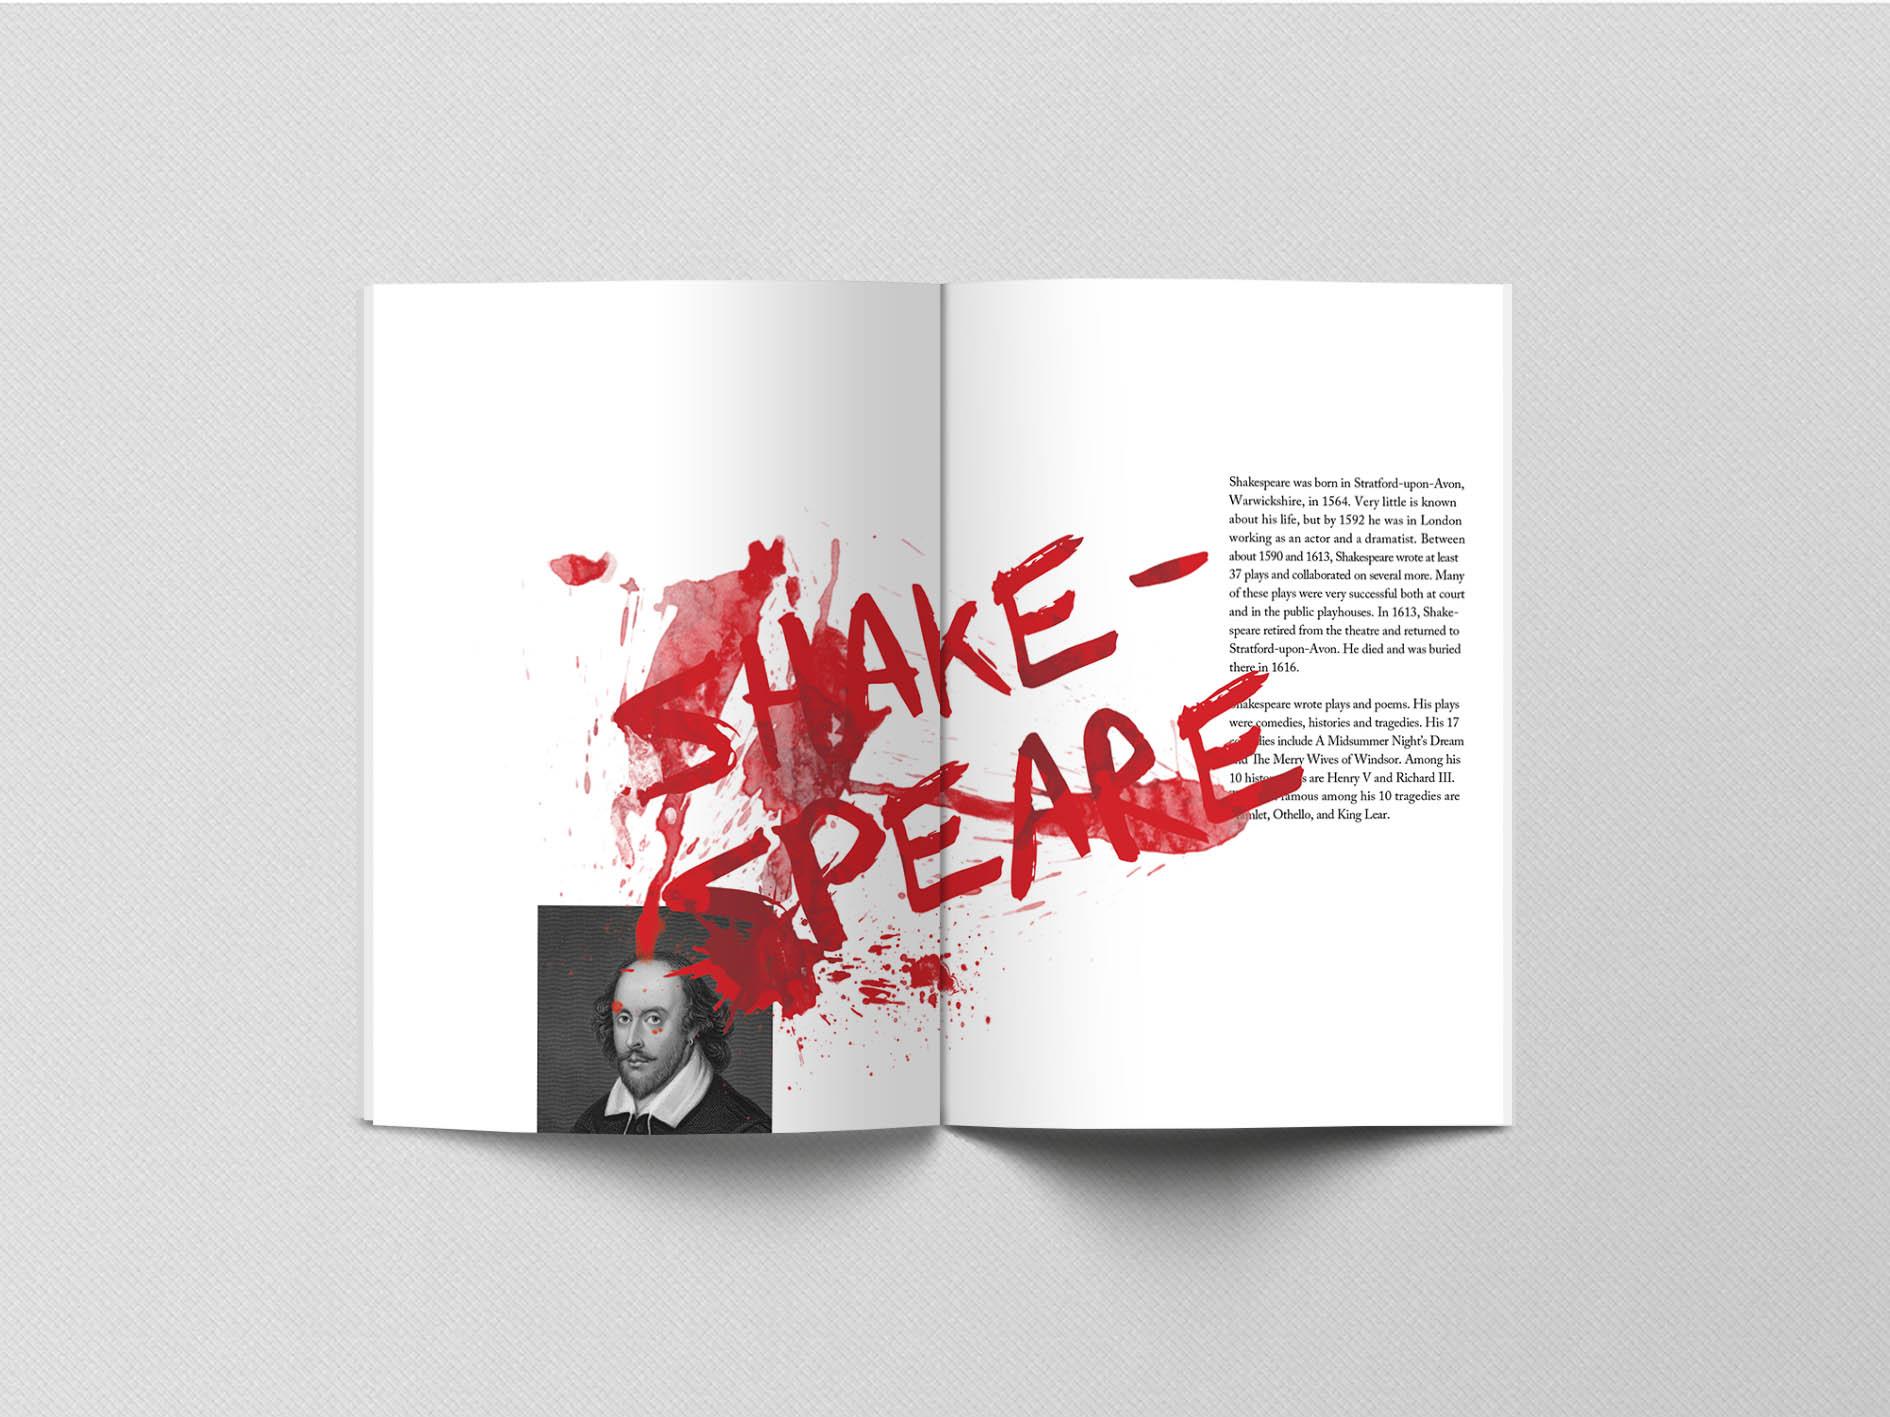 Spread-Shakespearupdate.jpg